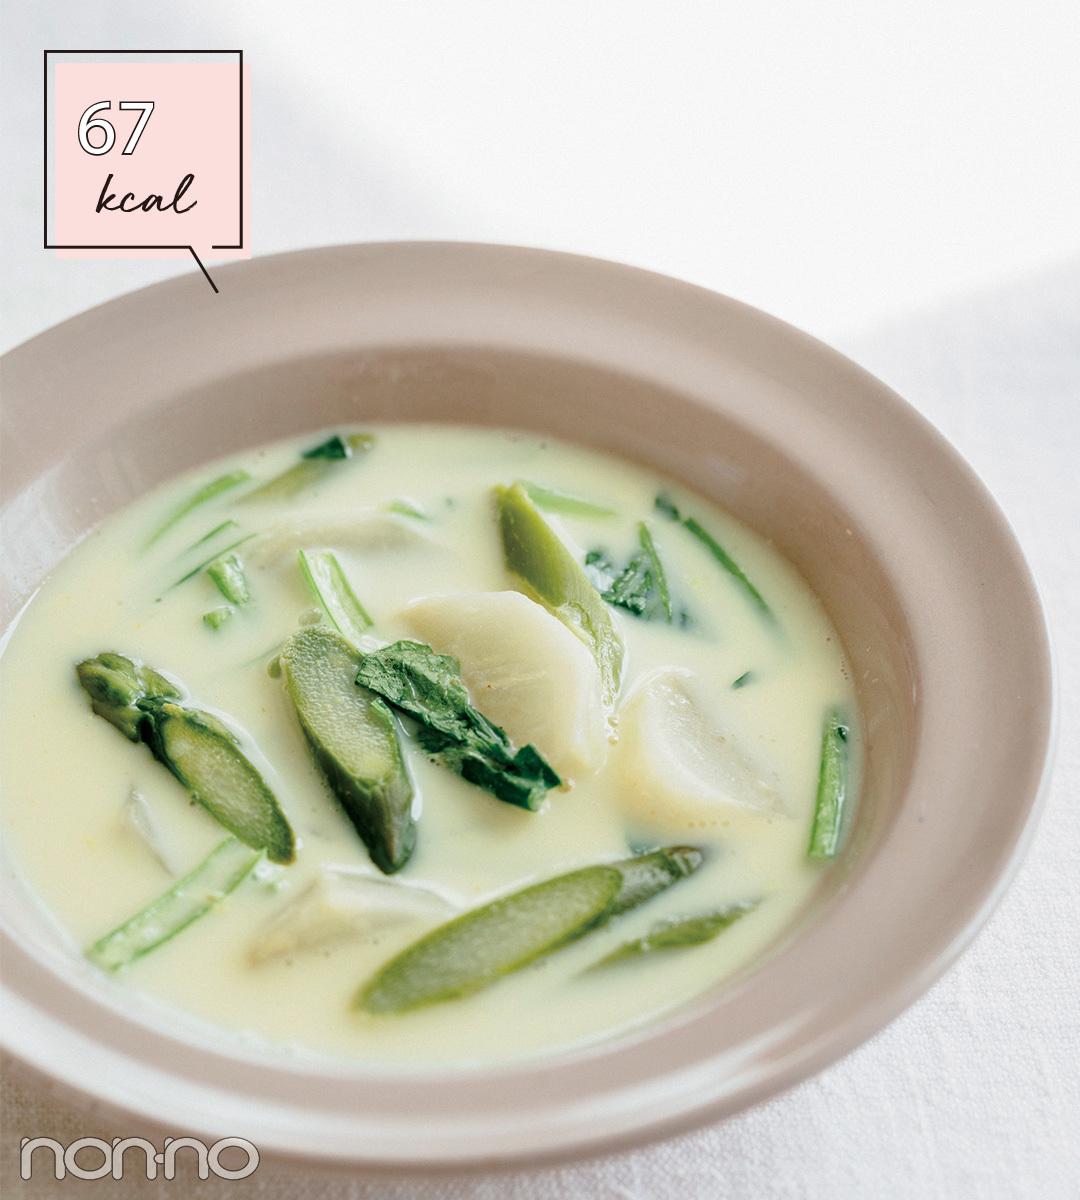 鈴木友菜の痩せるレシピ♡ 「カレー豆乳スープ」は超低カロリー&美容効果も抜群!_1_2